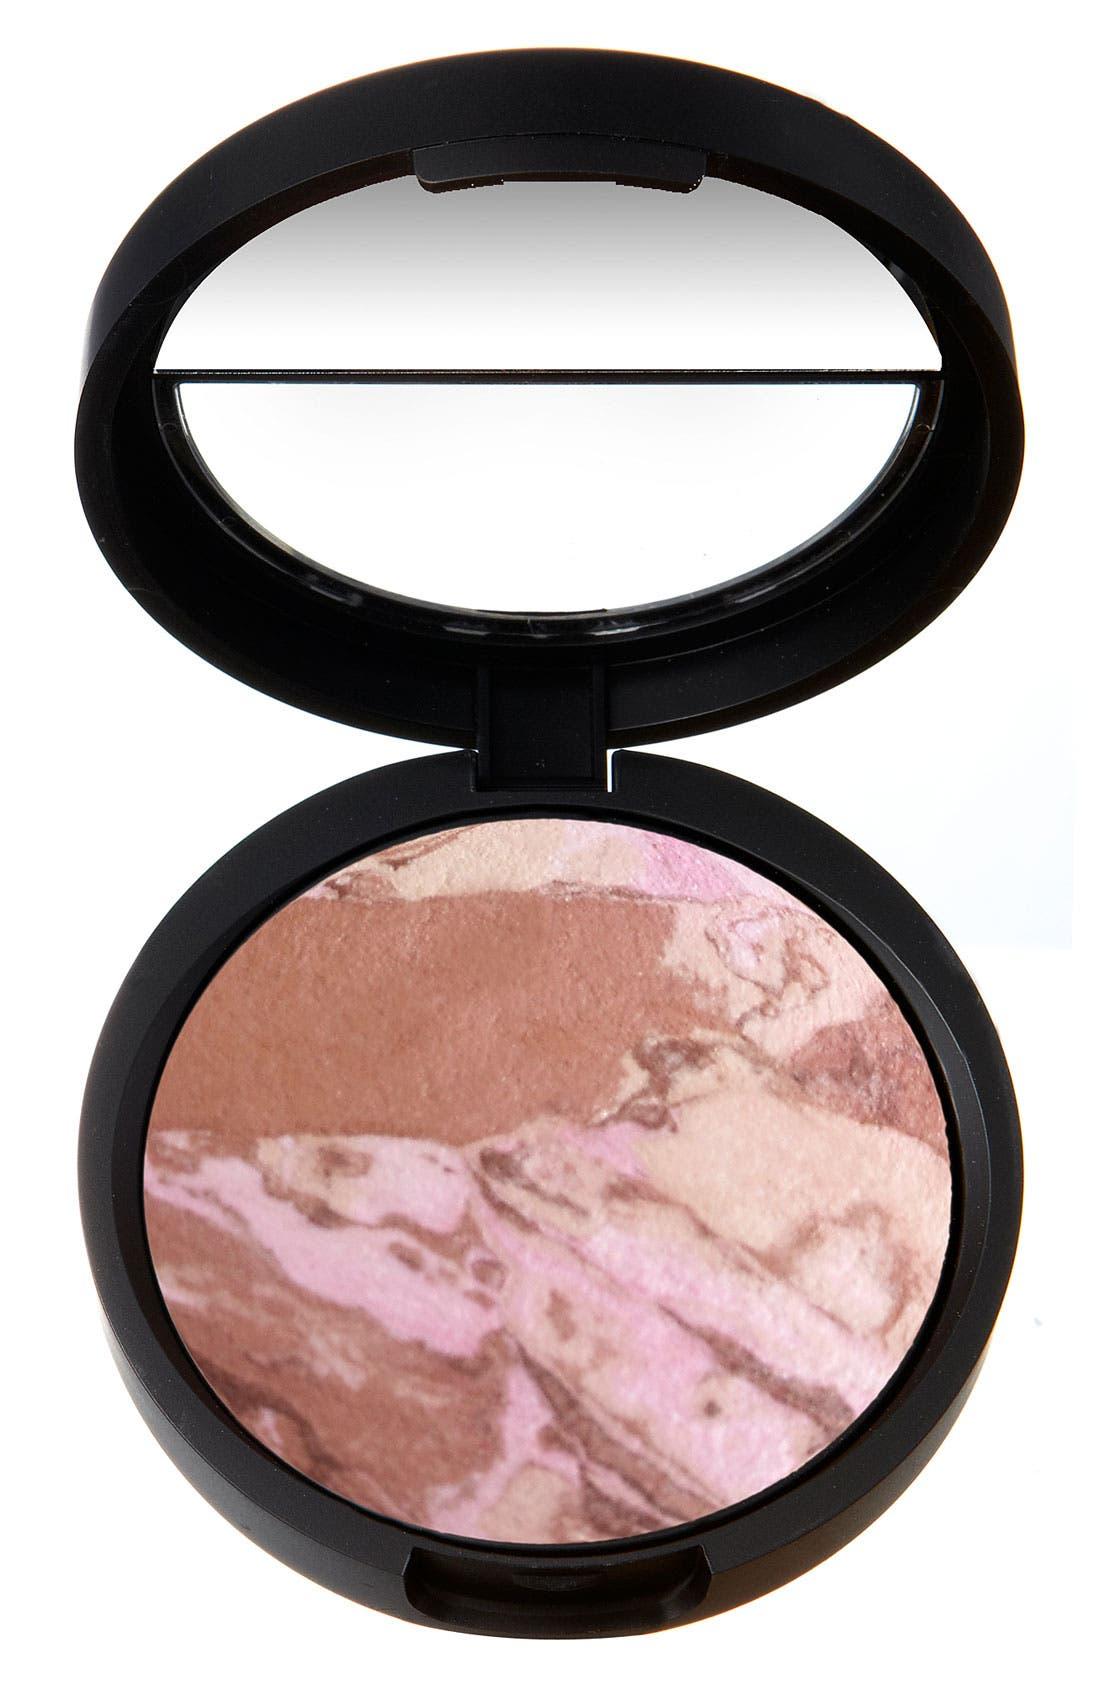 Laura Geller Beauty 'Bronze-n-Brighten' Baked Color Correcting Bronzer